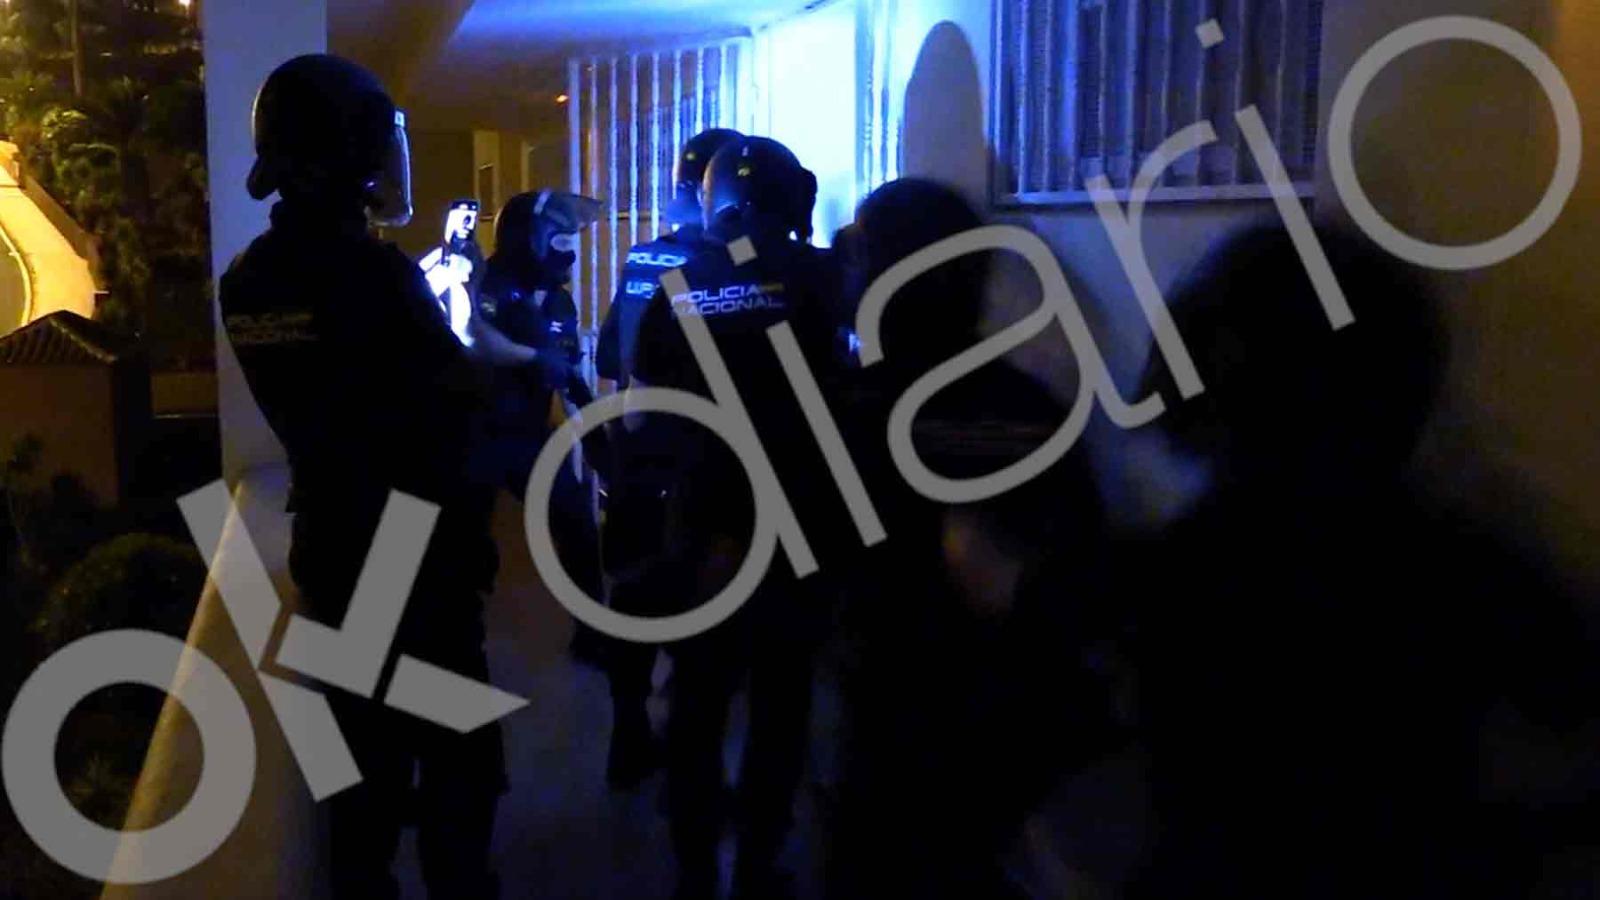 Momento de la detención de uno de los miembros de la organización mafiosa.